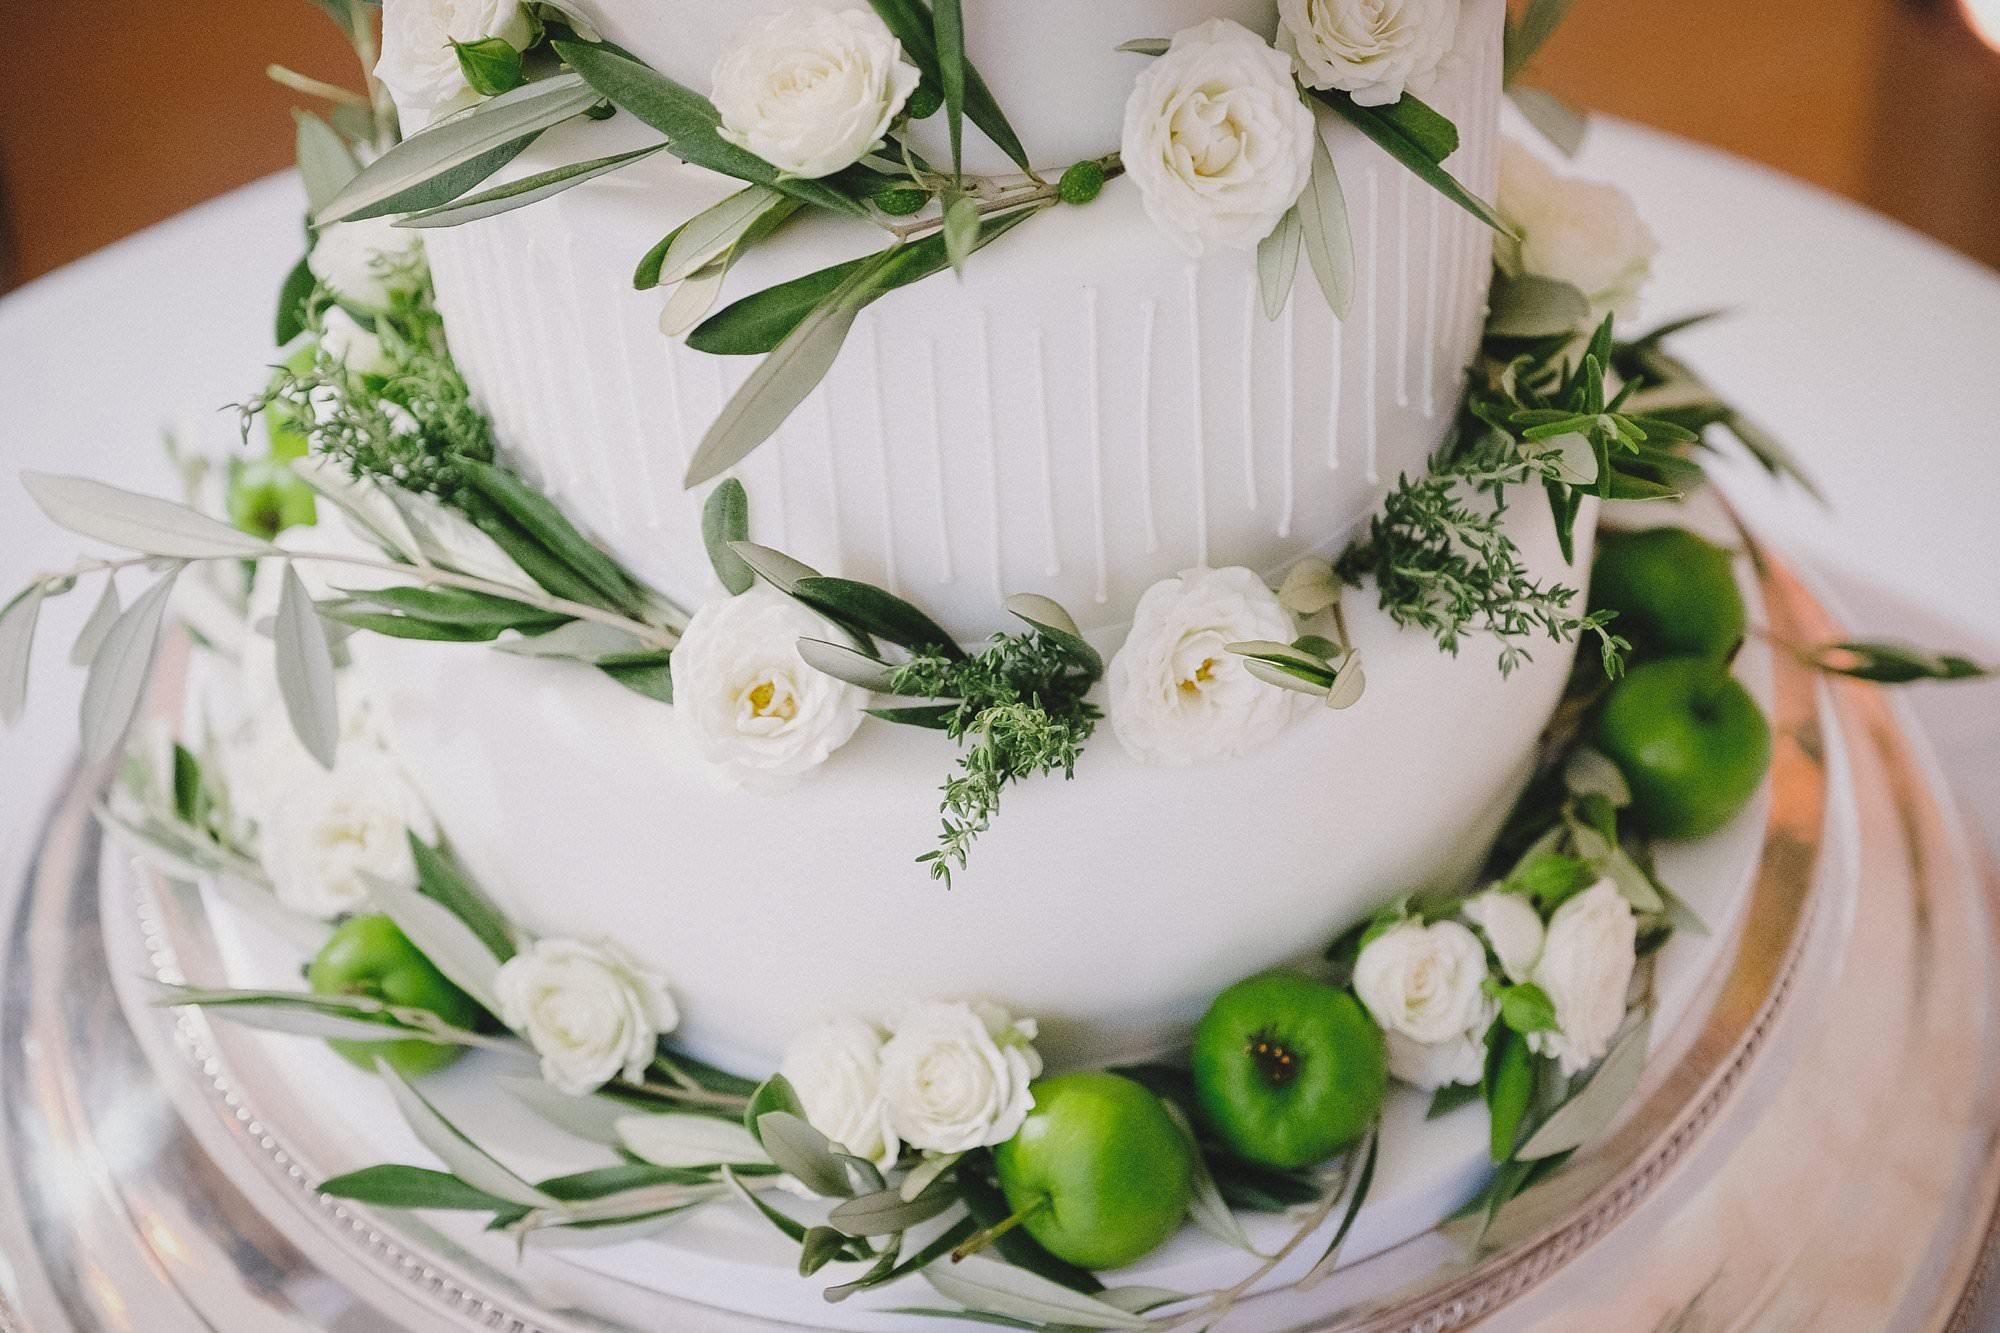 fulham palace wedding photographer 062 - Rosanna & Duncan's Fulham Palace Wedding